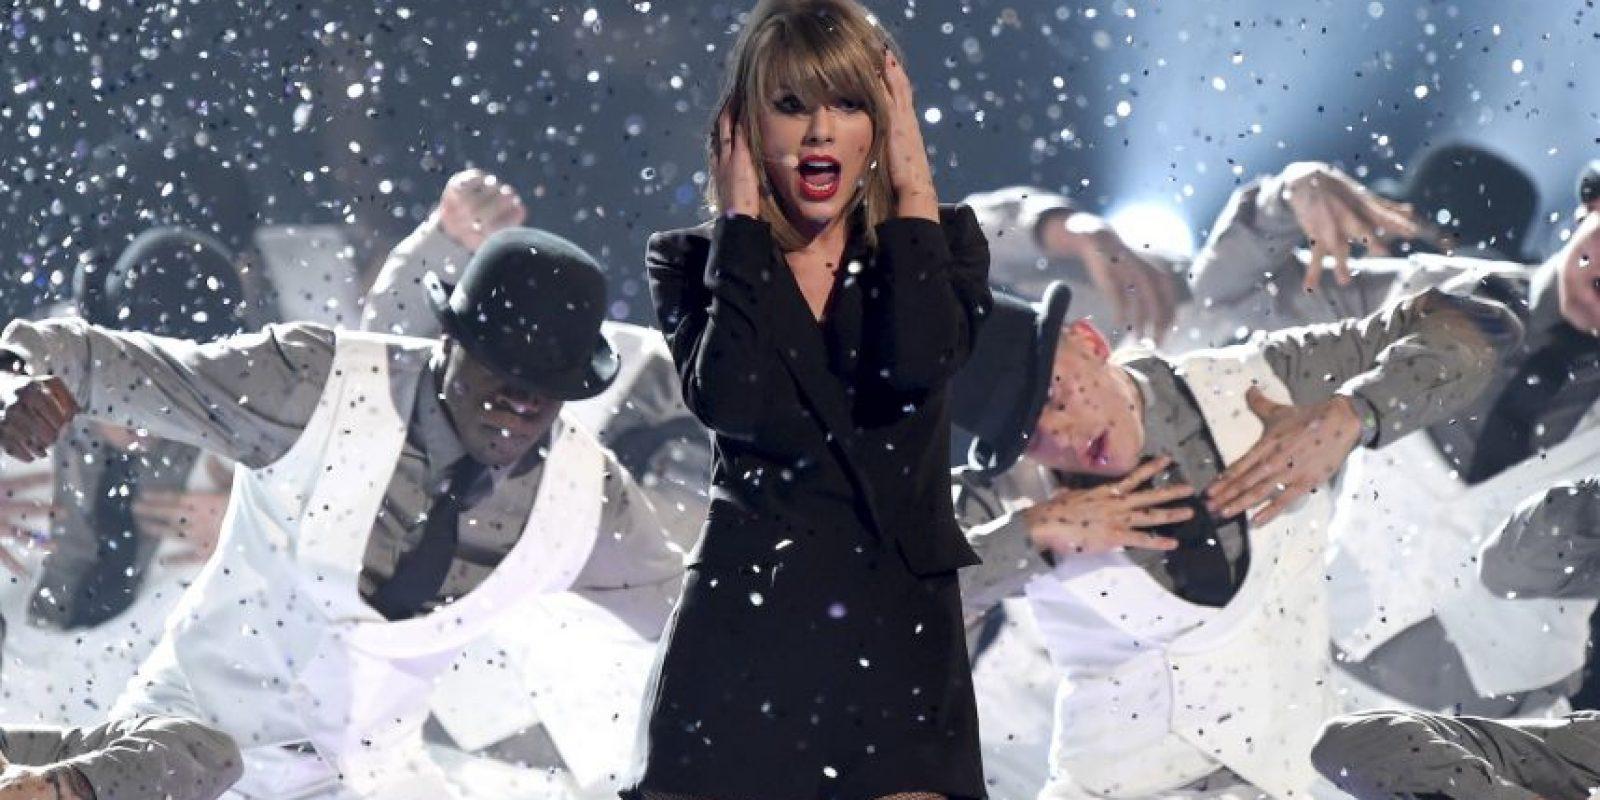 Durante un viejo anuncio de MacDonalds aparece una modelo idéntica a la cantante Foto:Getty Images